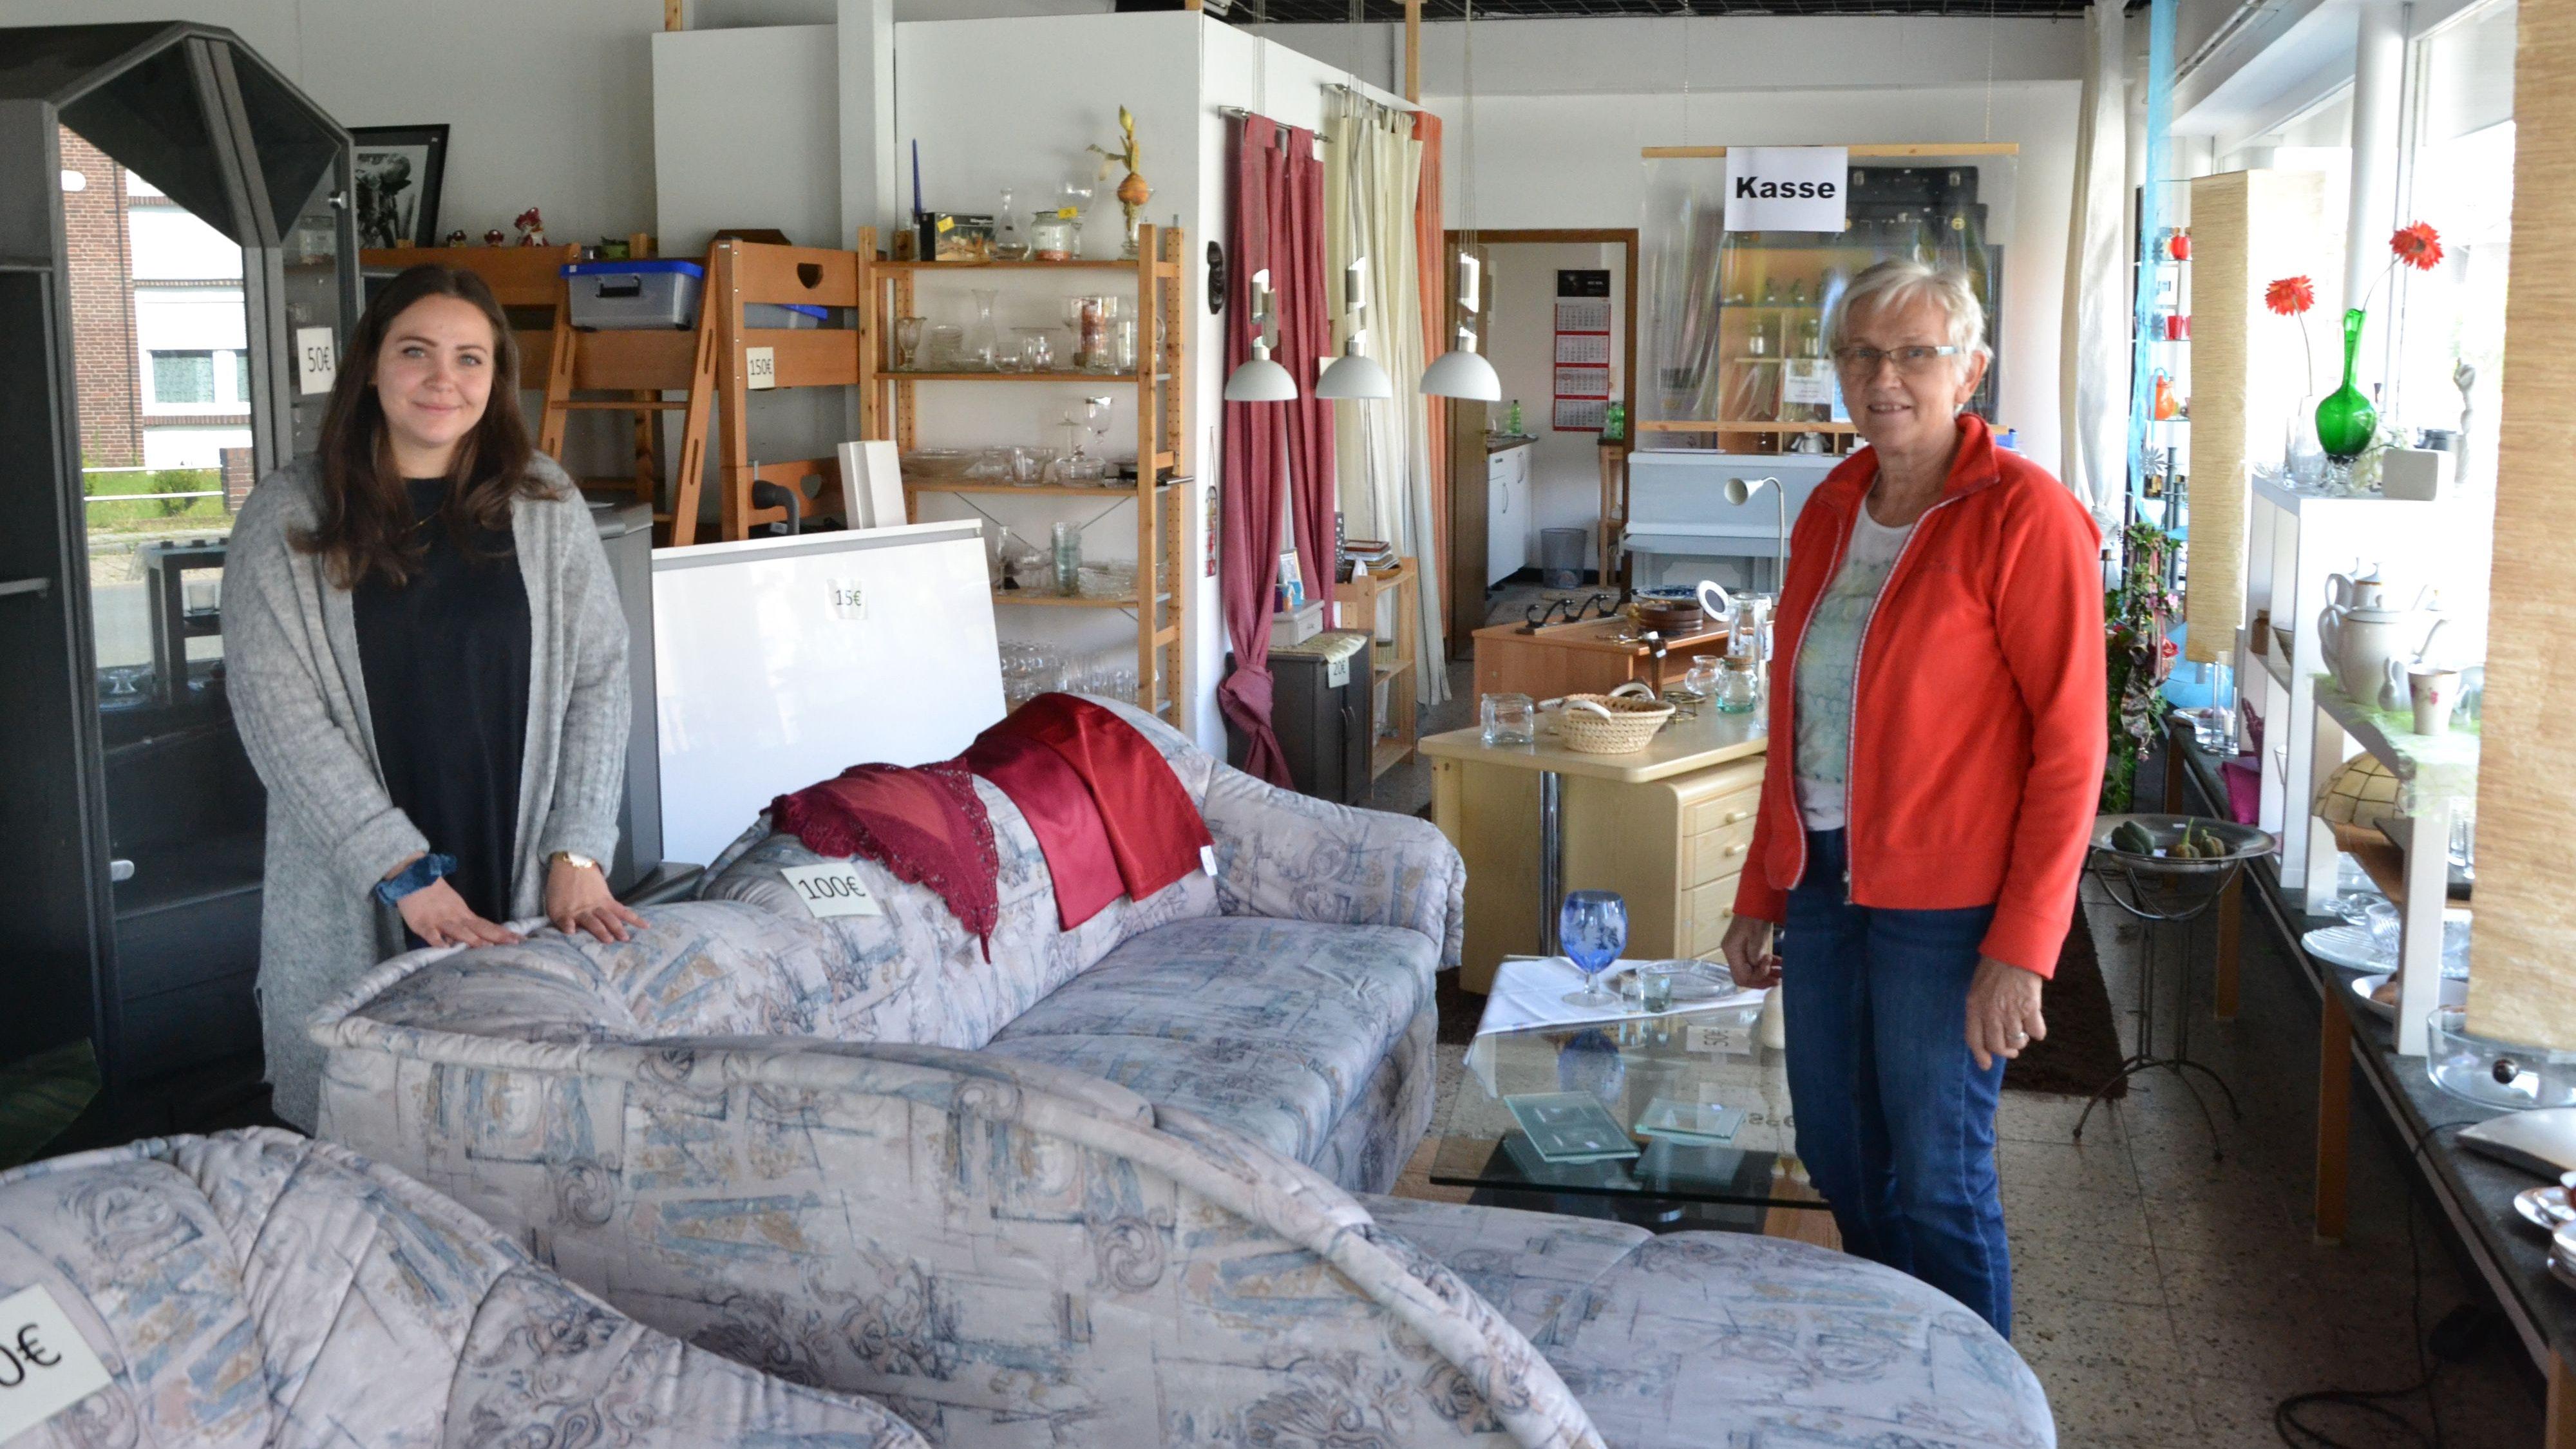 Möbel und mehr: Agnes Brümmer (rechts) und Sophie Zielke betreuen das Geschäft an der Bremer Straße. Foto: G. Meyer